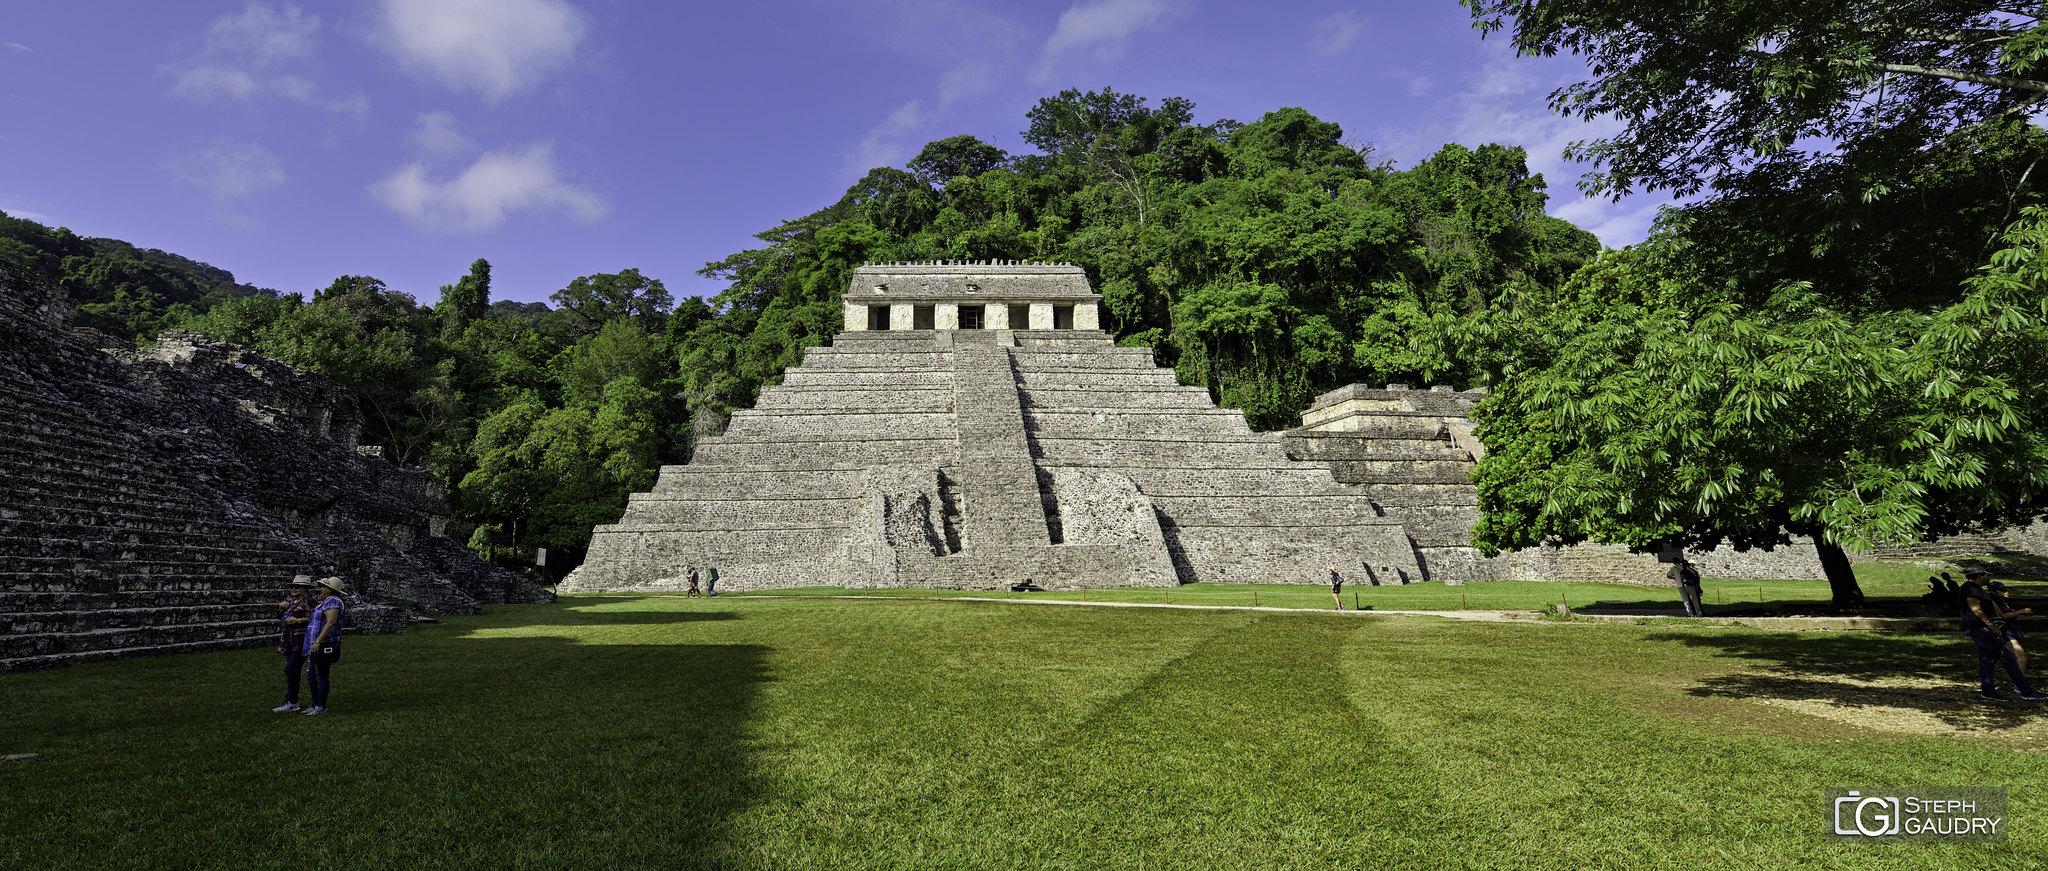 Palenque - Le Temple des Inscriptions [Klicken Sie hier, um die Diashow zu starten]